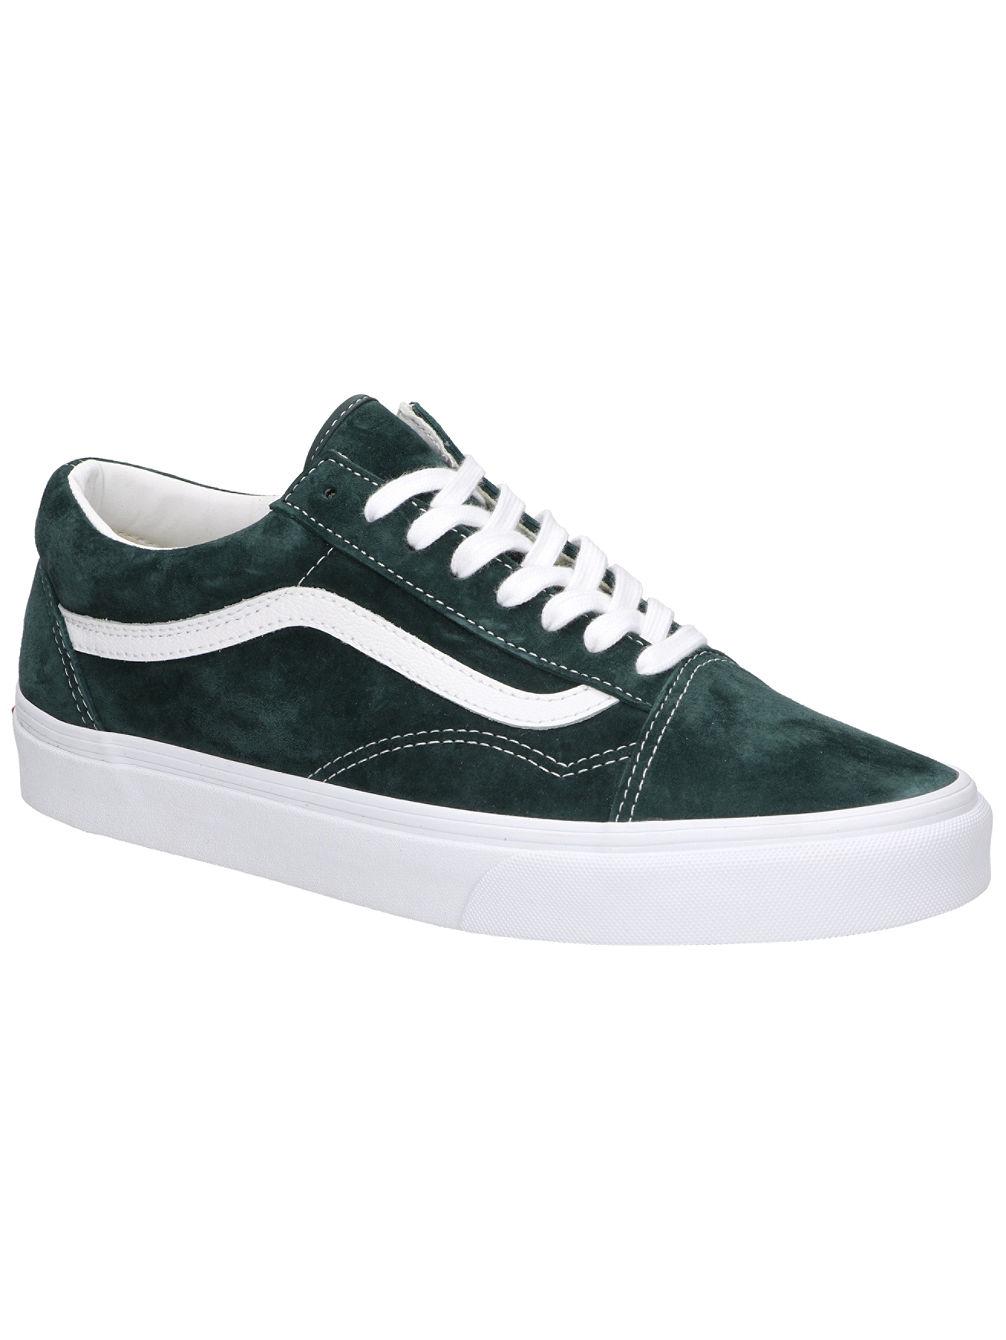 3dbb1ba3c9 Buy Vans Pig Suede Old Skool Sneakers online at Blue Tomato